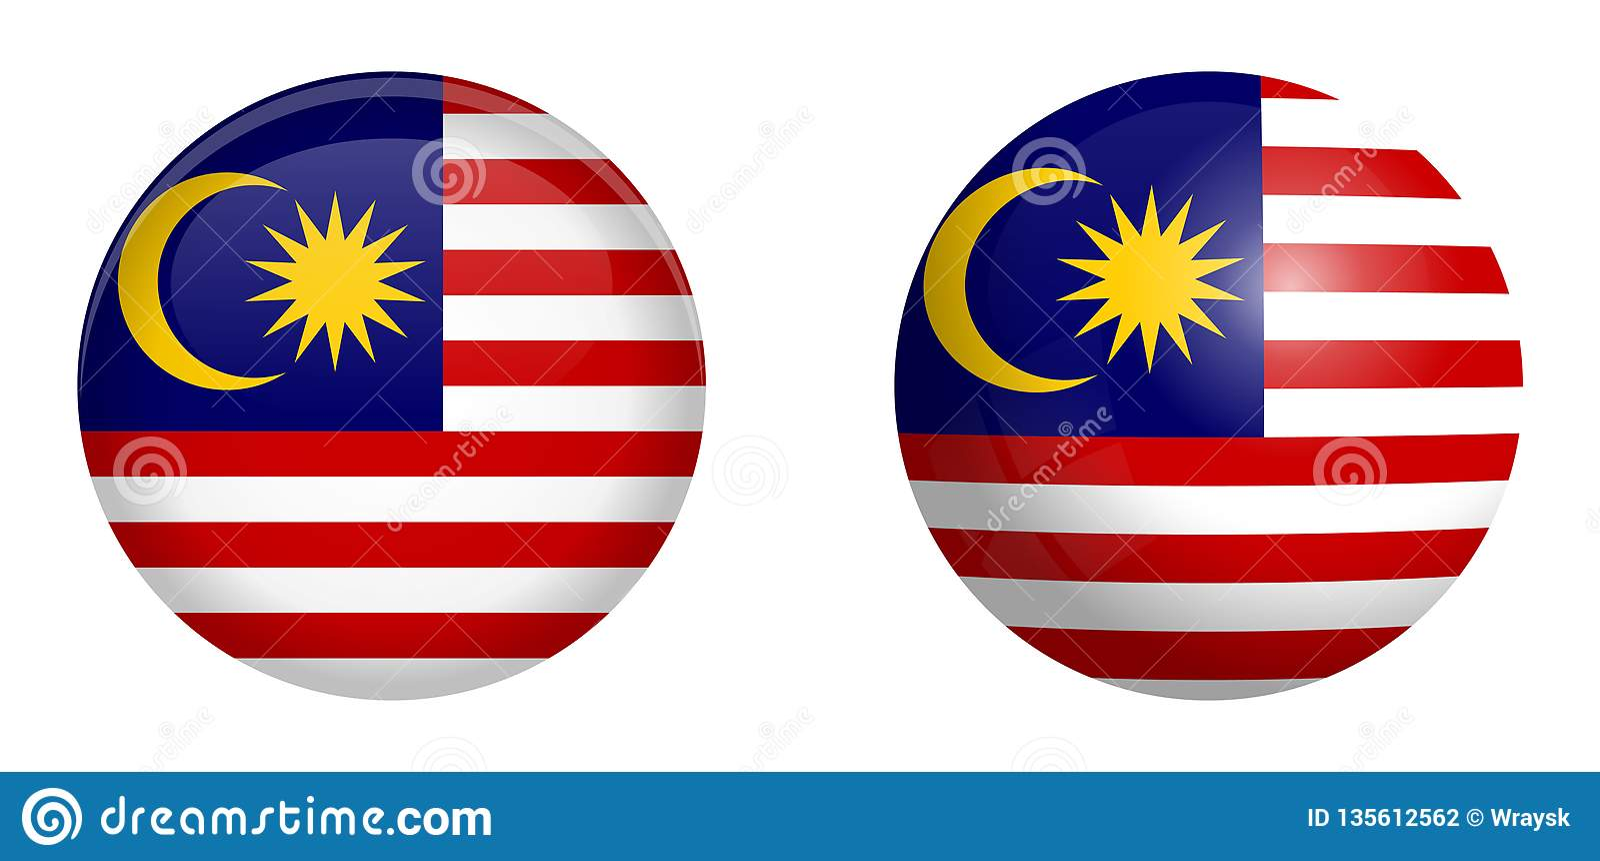 Maleisische vlag onder 3d koepelknoop en op glanzende gebied/bal